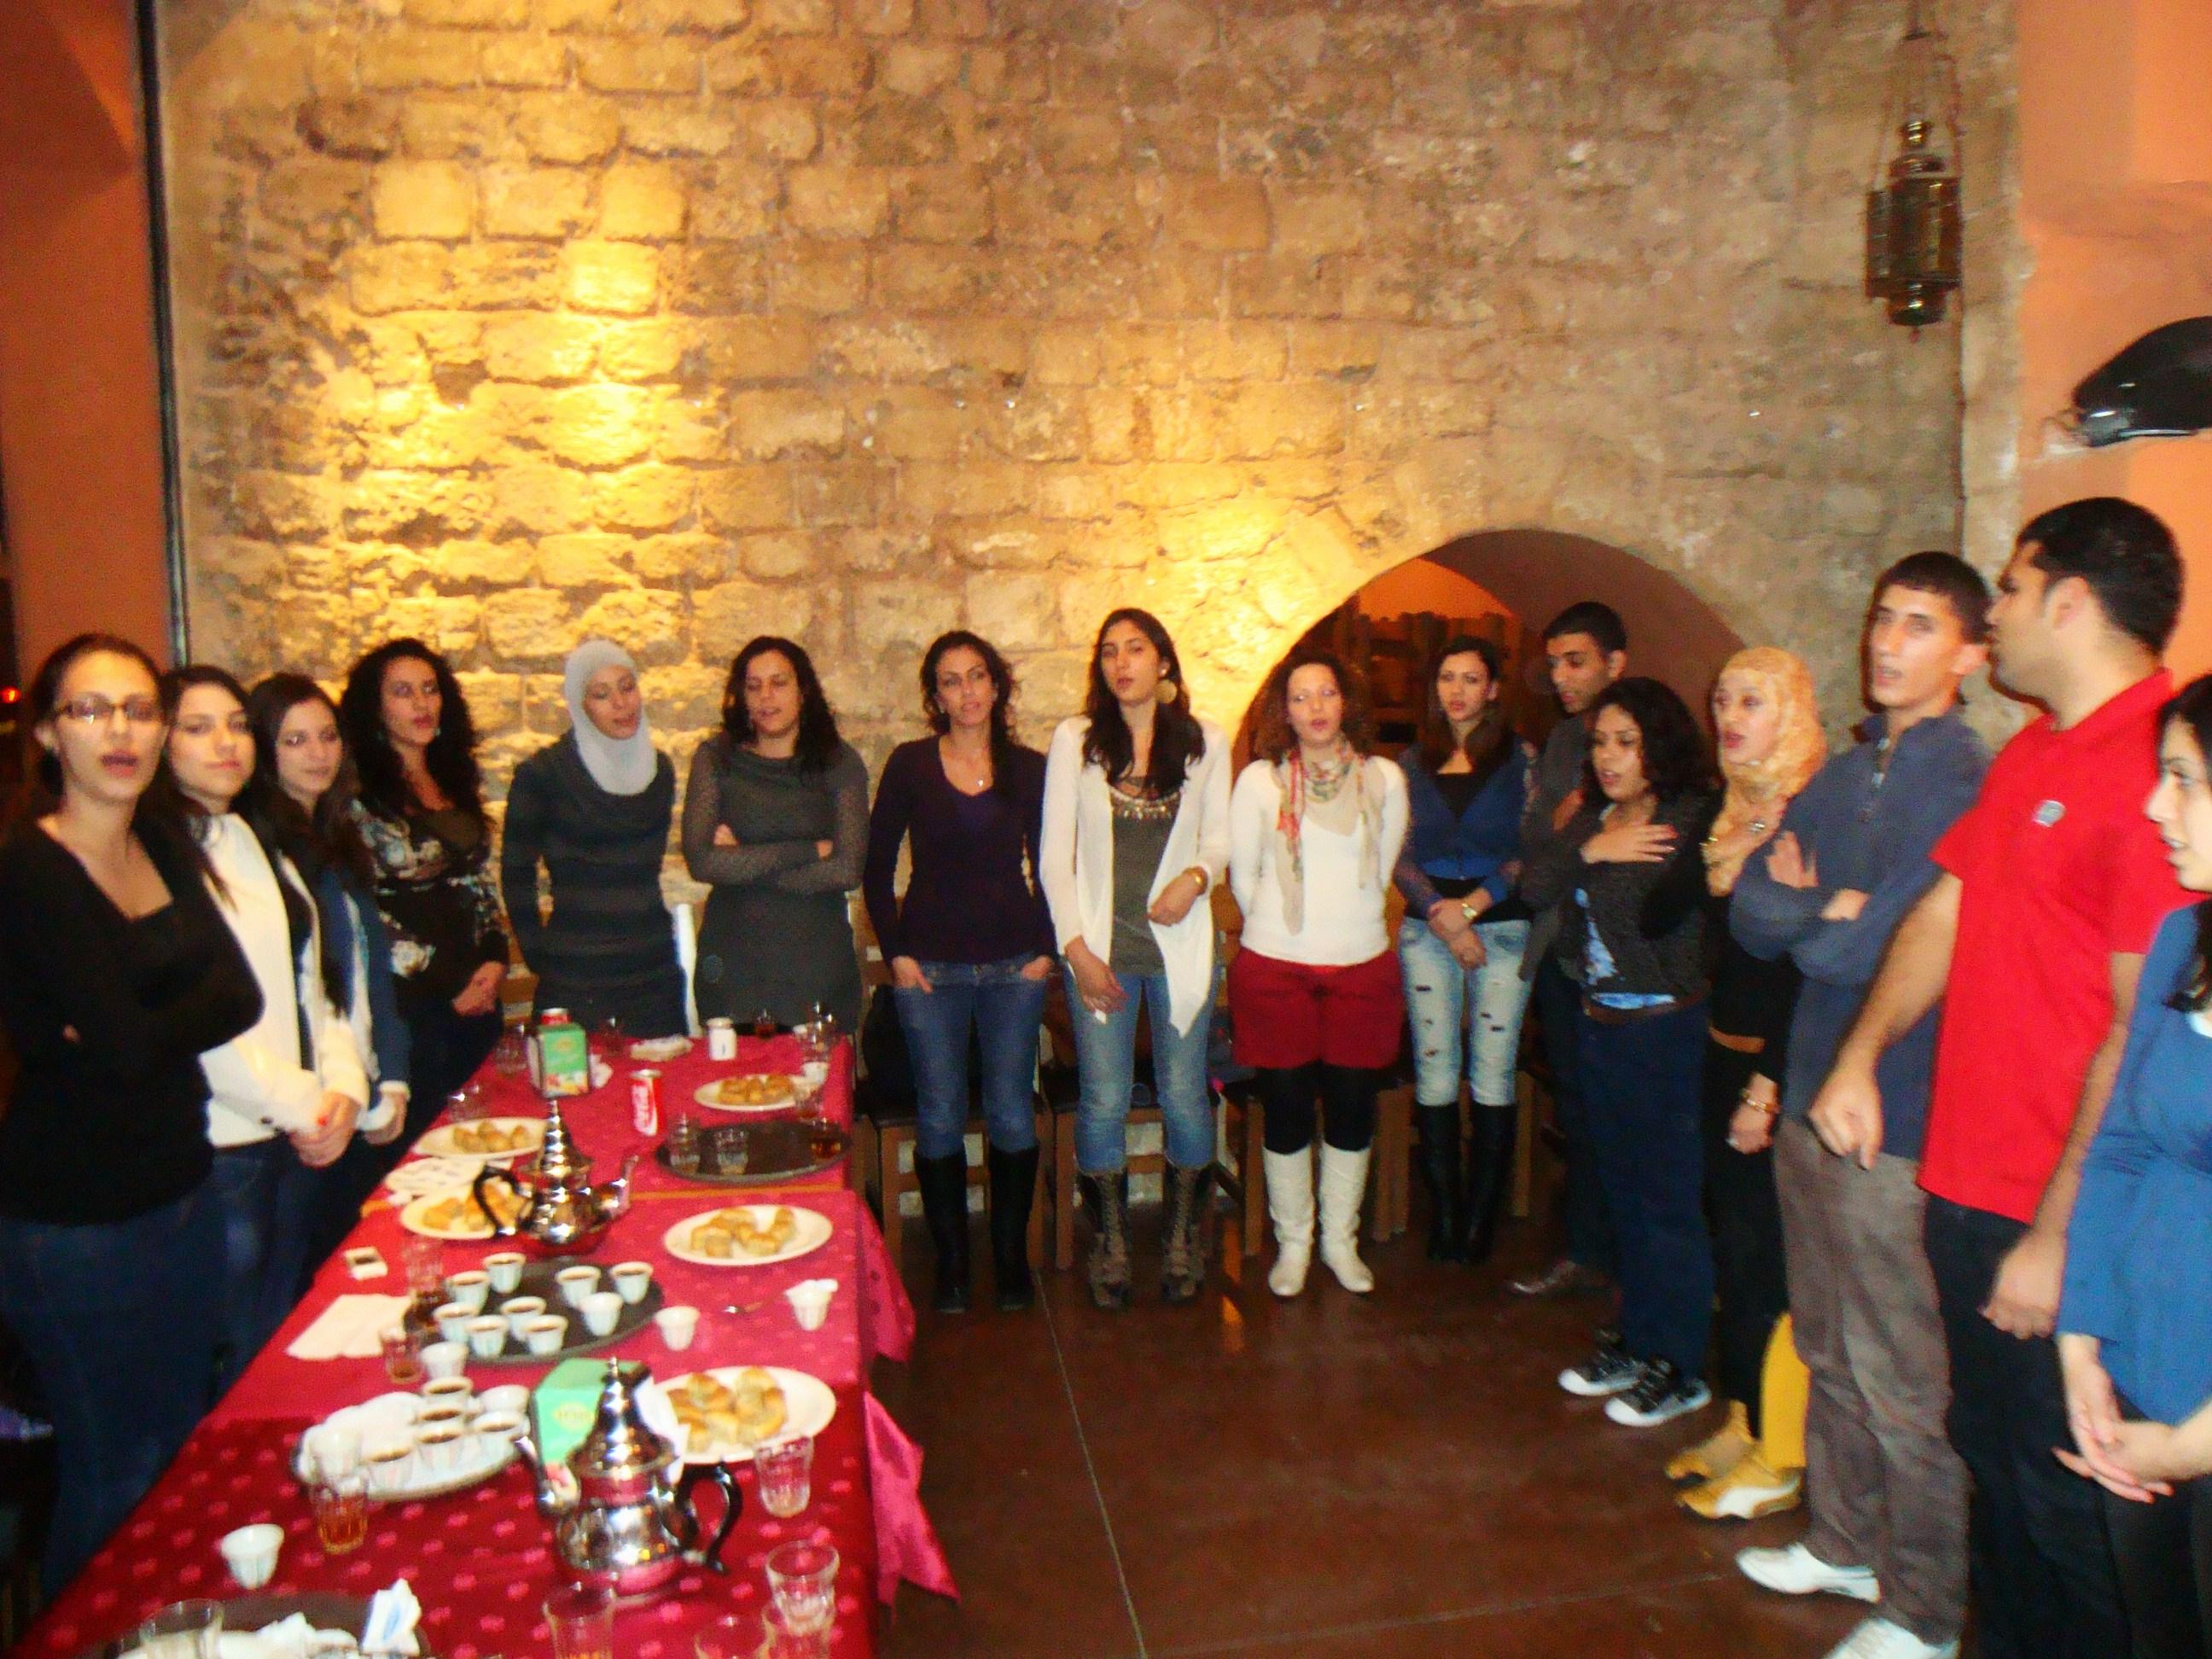 جفرا تحيي ذكرى الحرب على غزّة ببرنامج مكثّف في جامعة تل أبيب